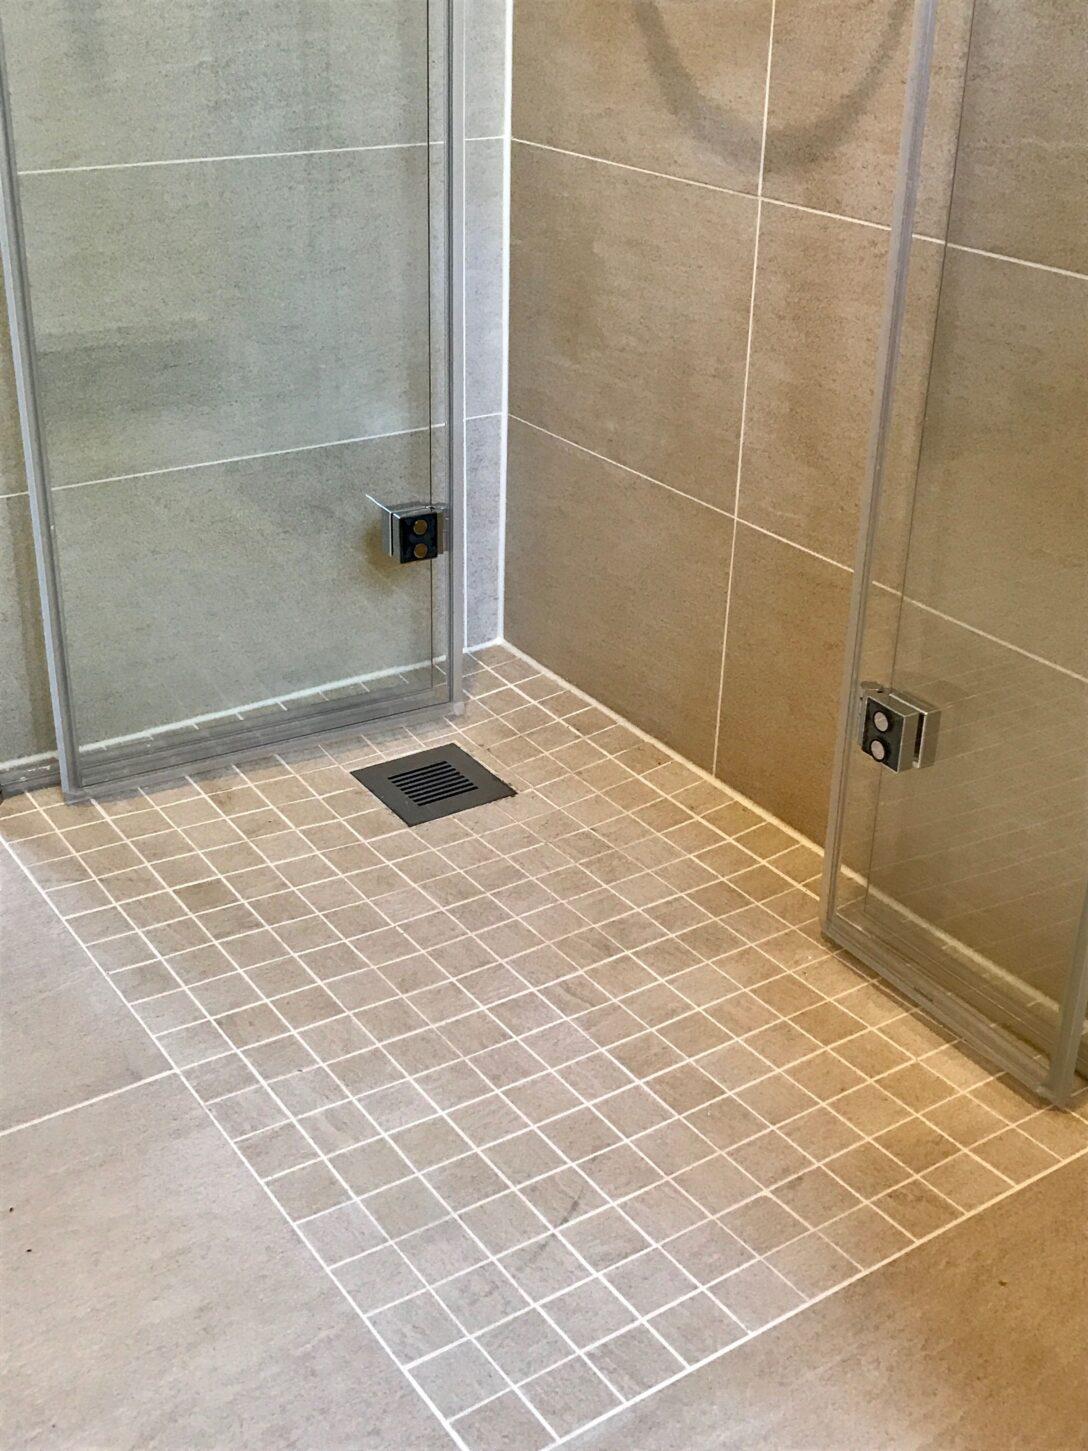 Large Size of Bodengleiche Duschen Bf Modul Fr Dusche Kaufen Fliesen Hüppe Moderne Breuer Hsk Schulte Werksverkauf Begehbare Sprinz Einbauen Nachträglich Dusche Bodengleiche Duschen